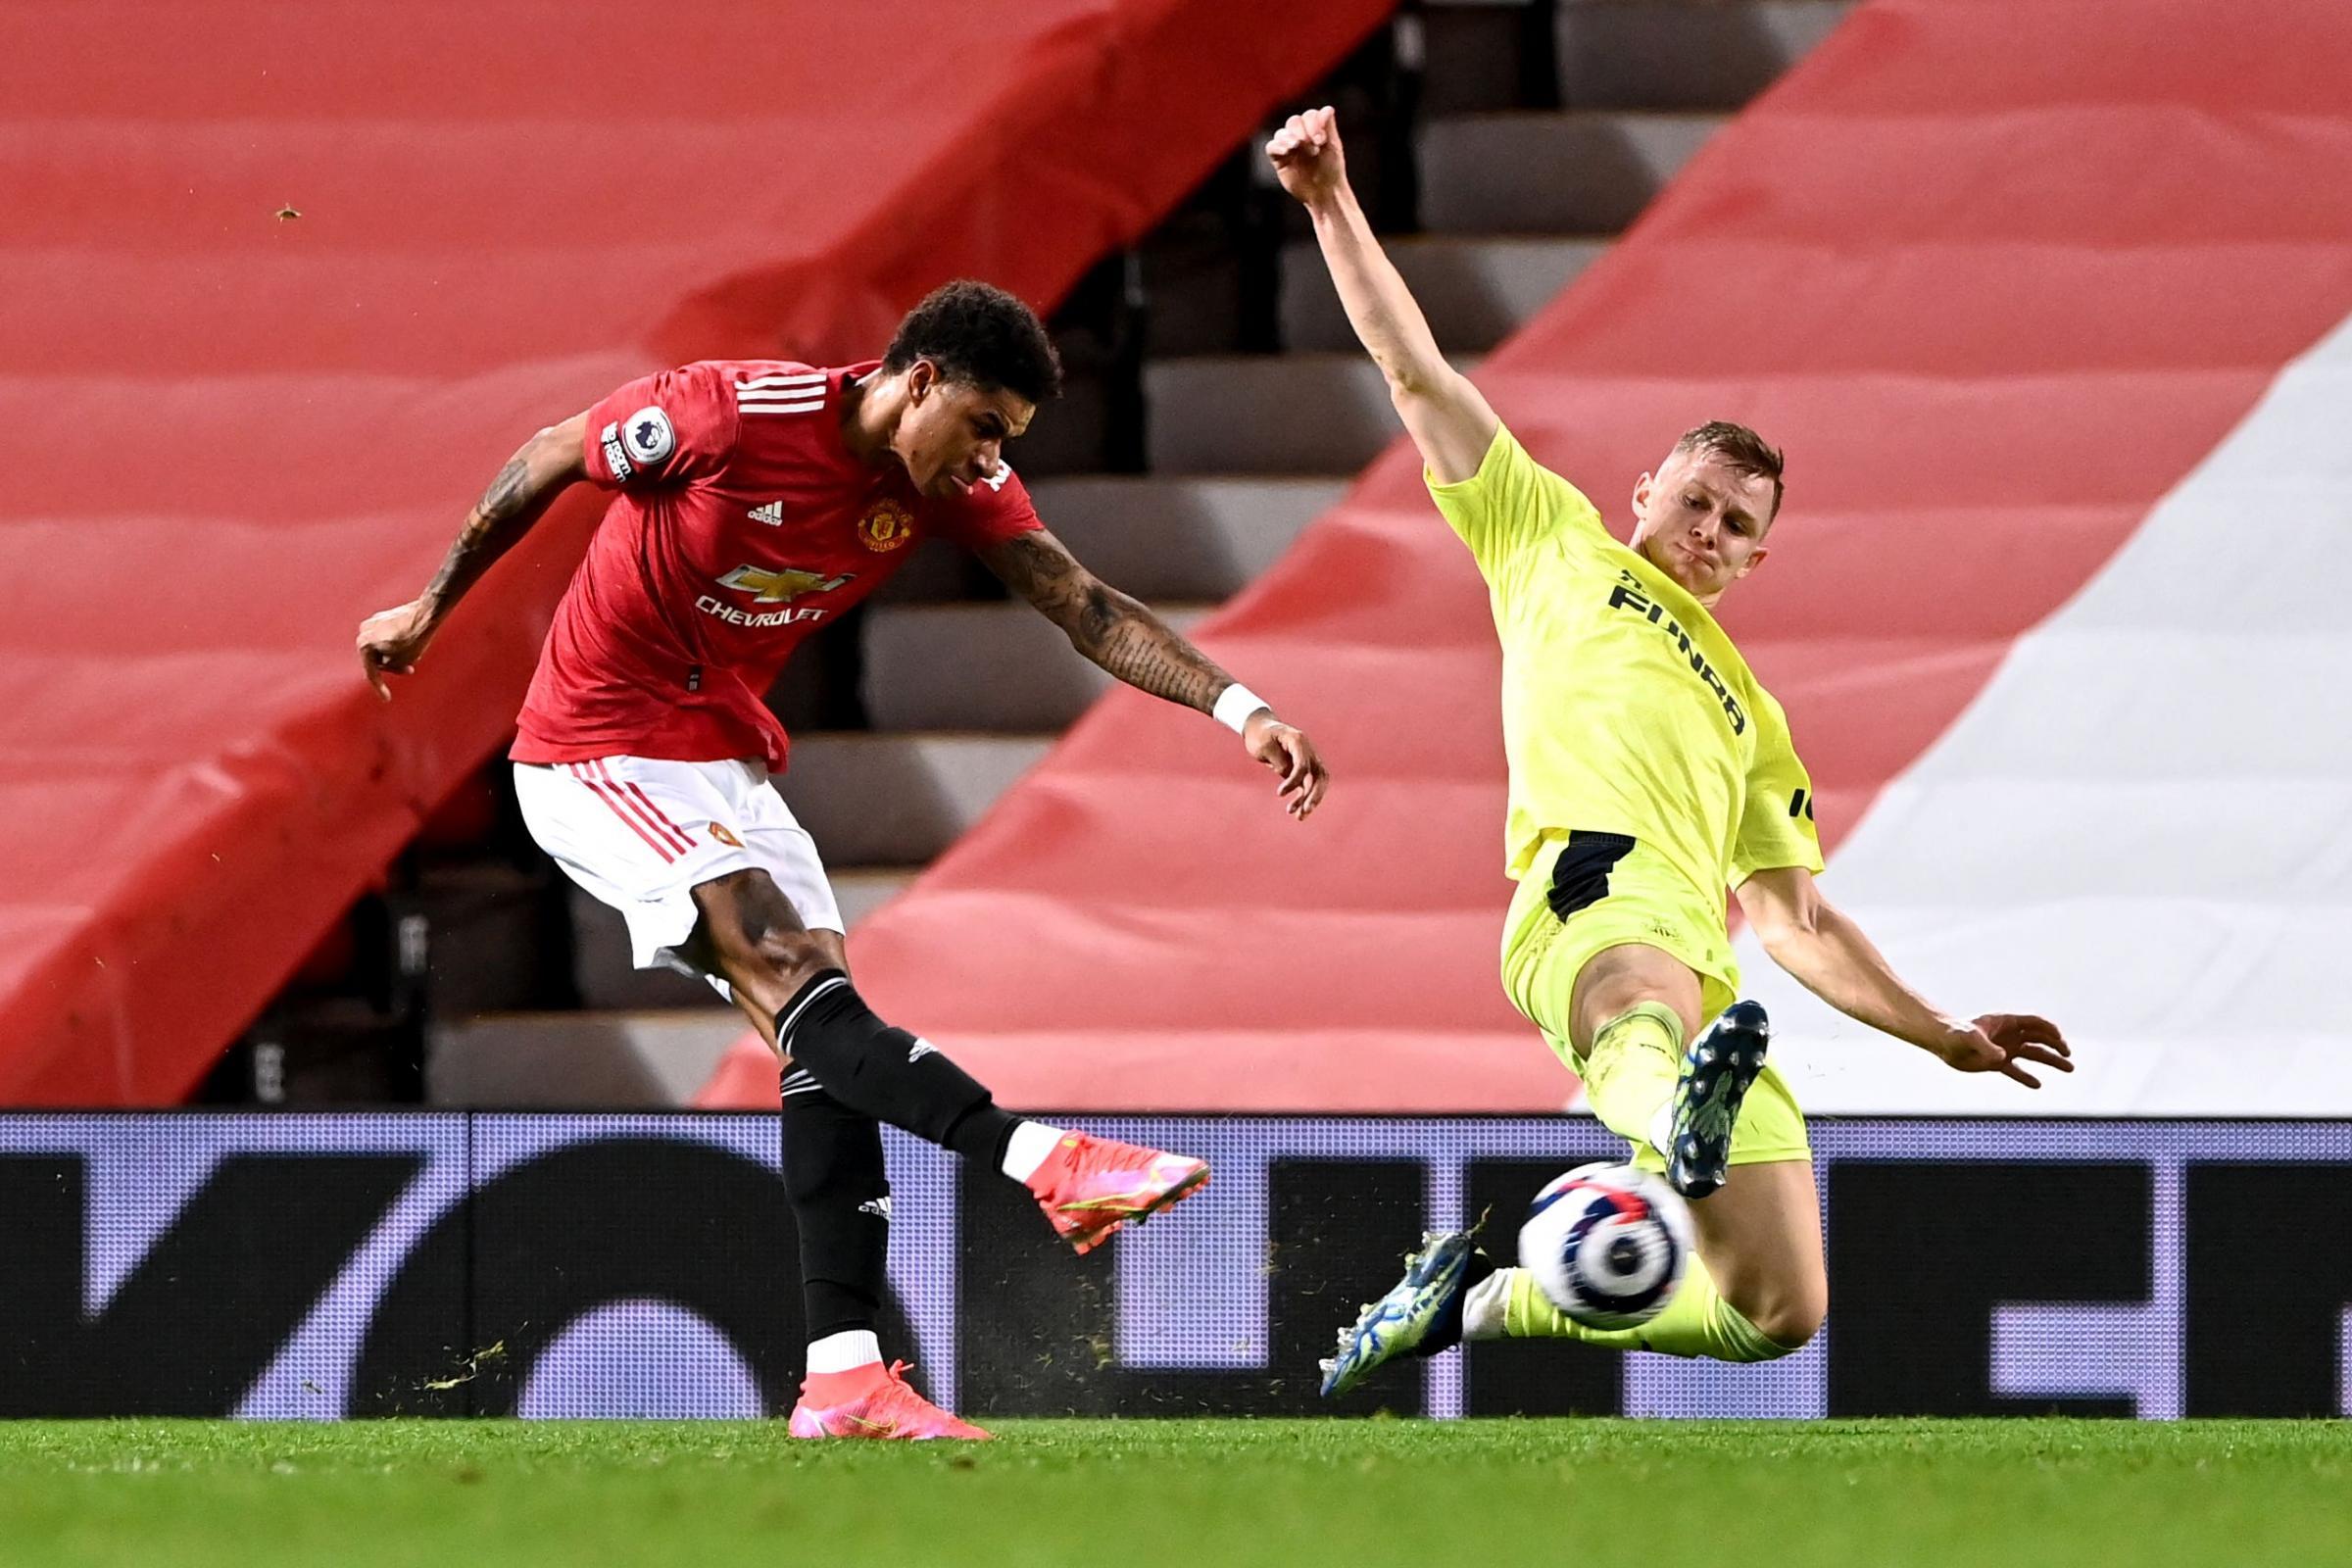 Manchester United tidak akan terpengaruh oleh rekor rekor City - Marcus Rashford